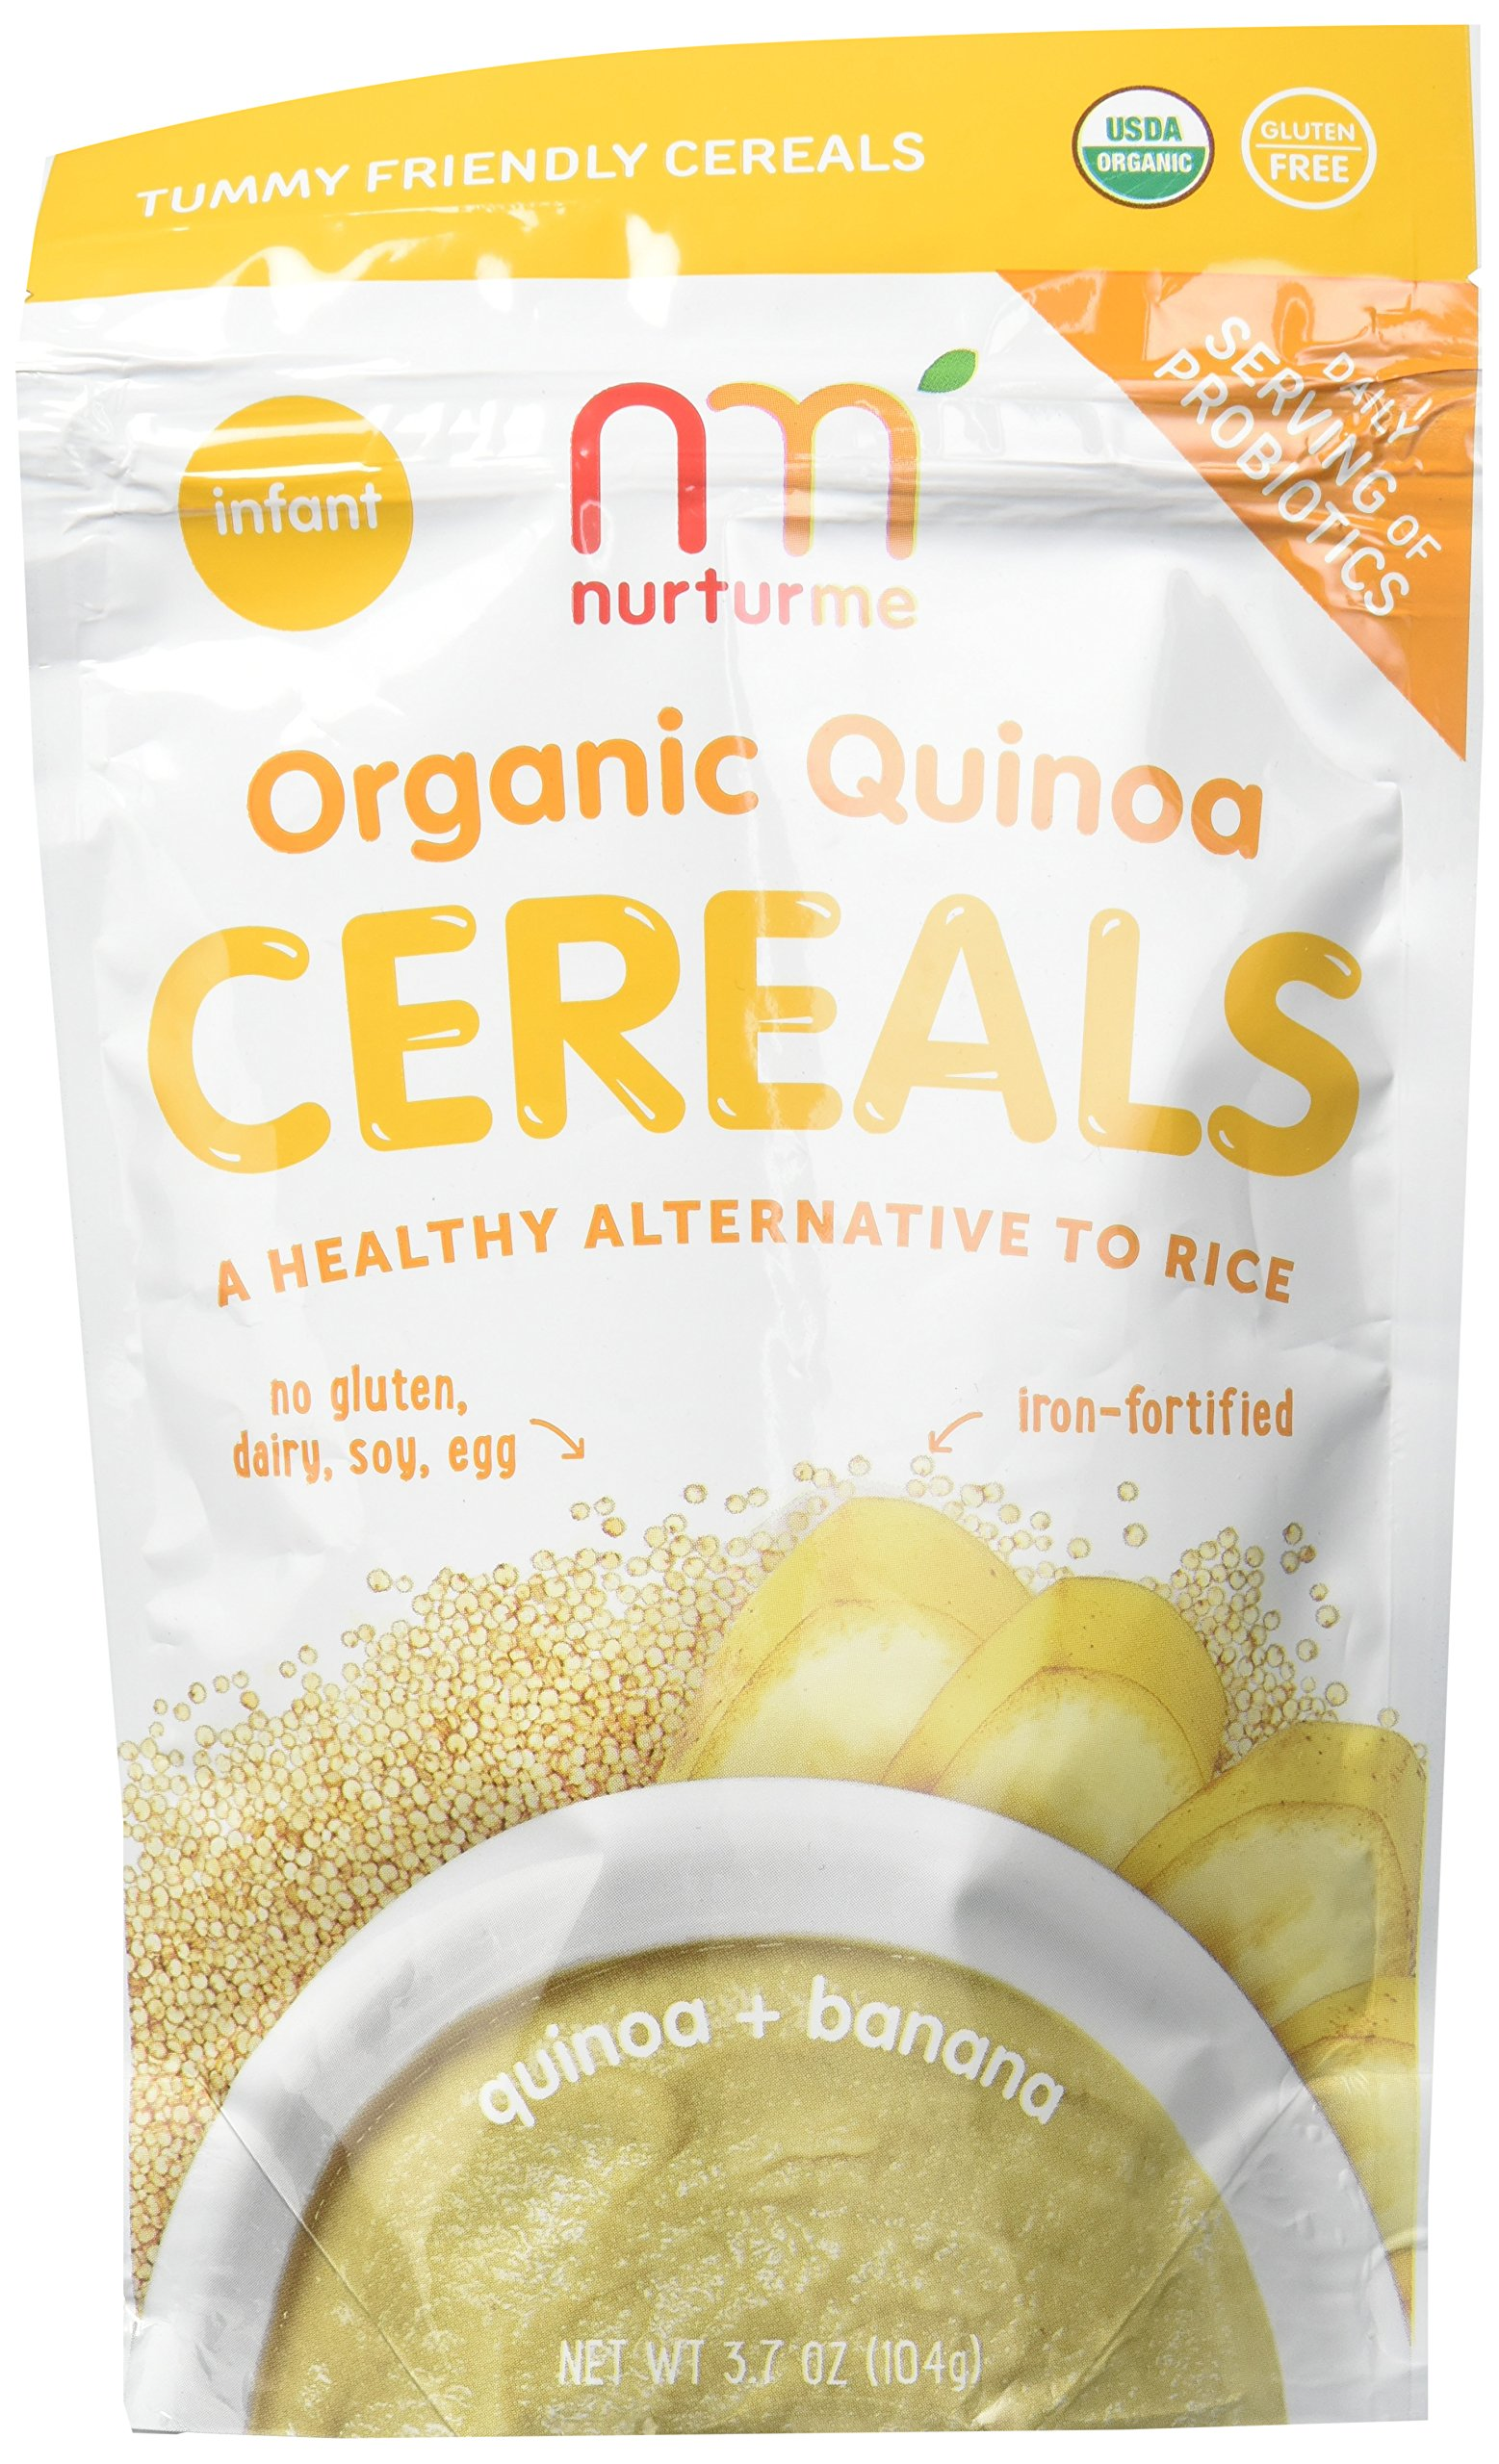 NurturMe Organic Infant Cereals, Quinoa/Banana, 3 Count